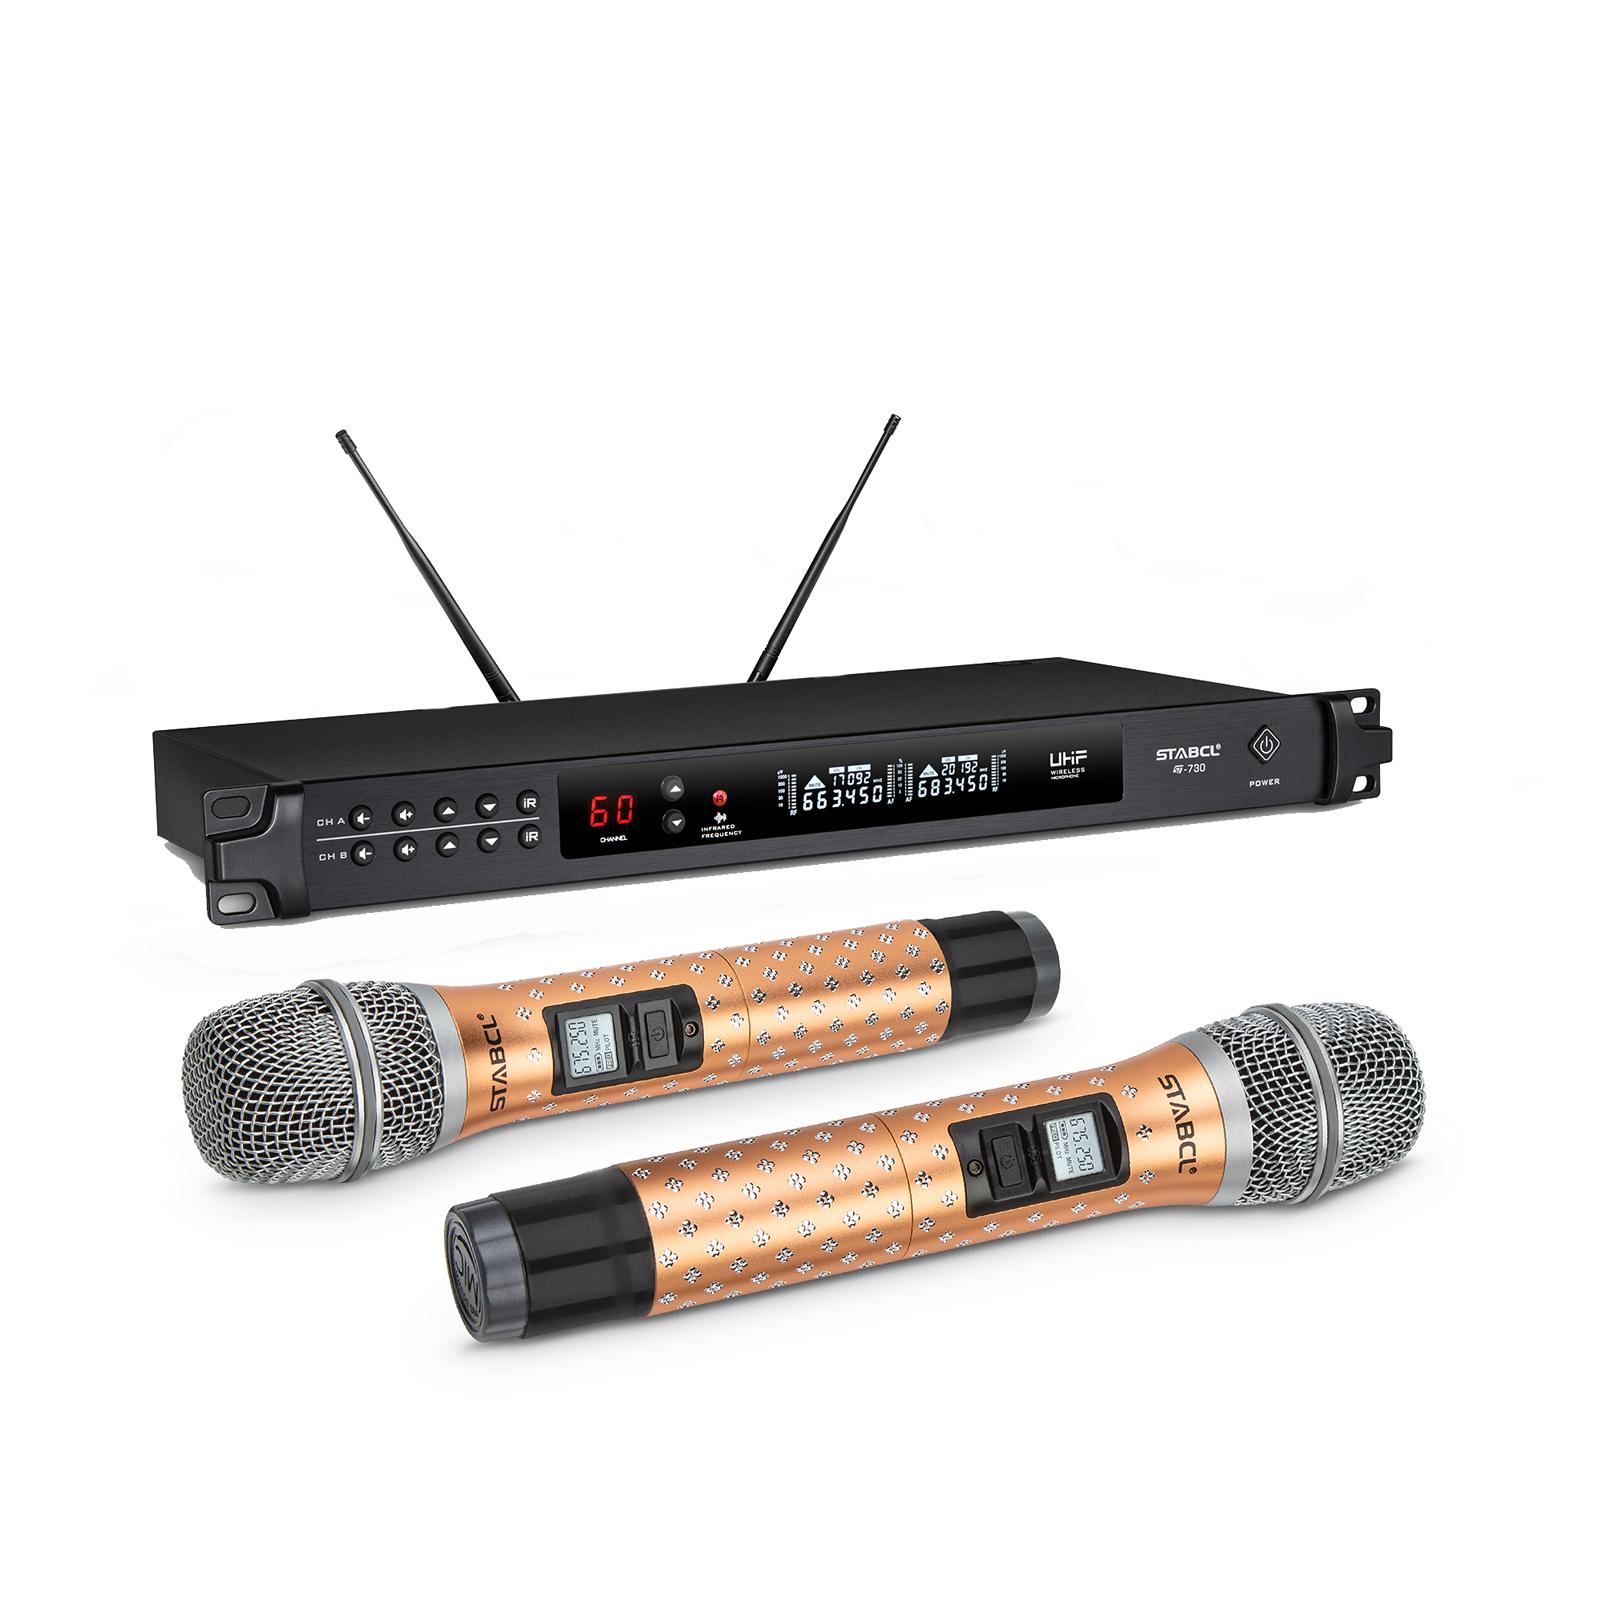 ST-9770 钻工艺KTV无线麦克风